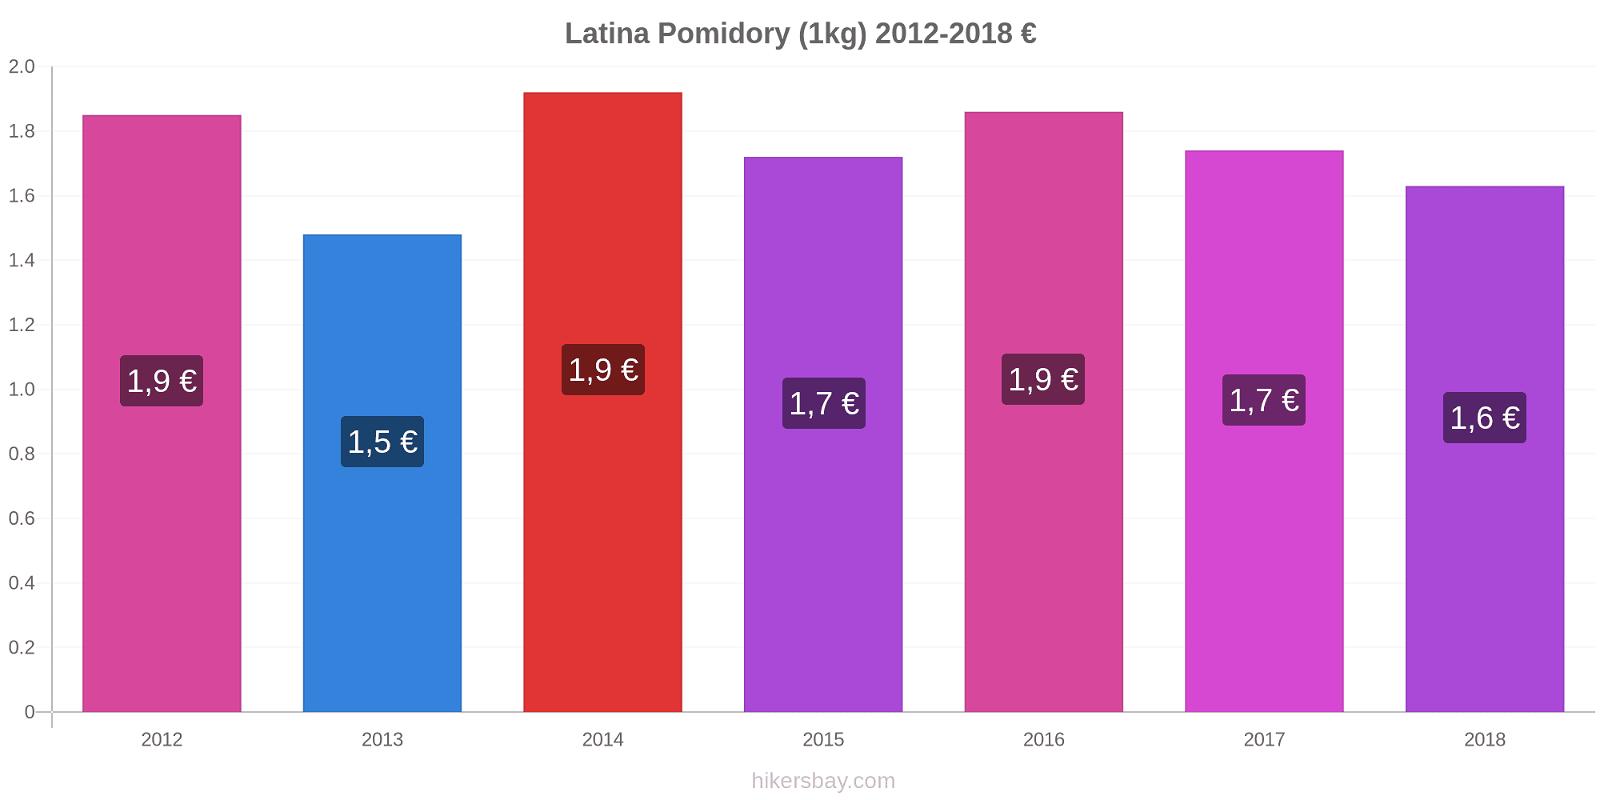 Latina zmiany cen Pomidory (1kg) hikersbay.com